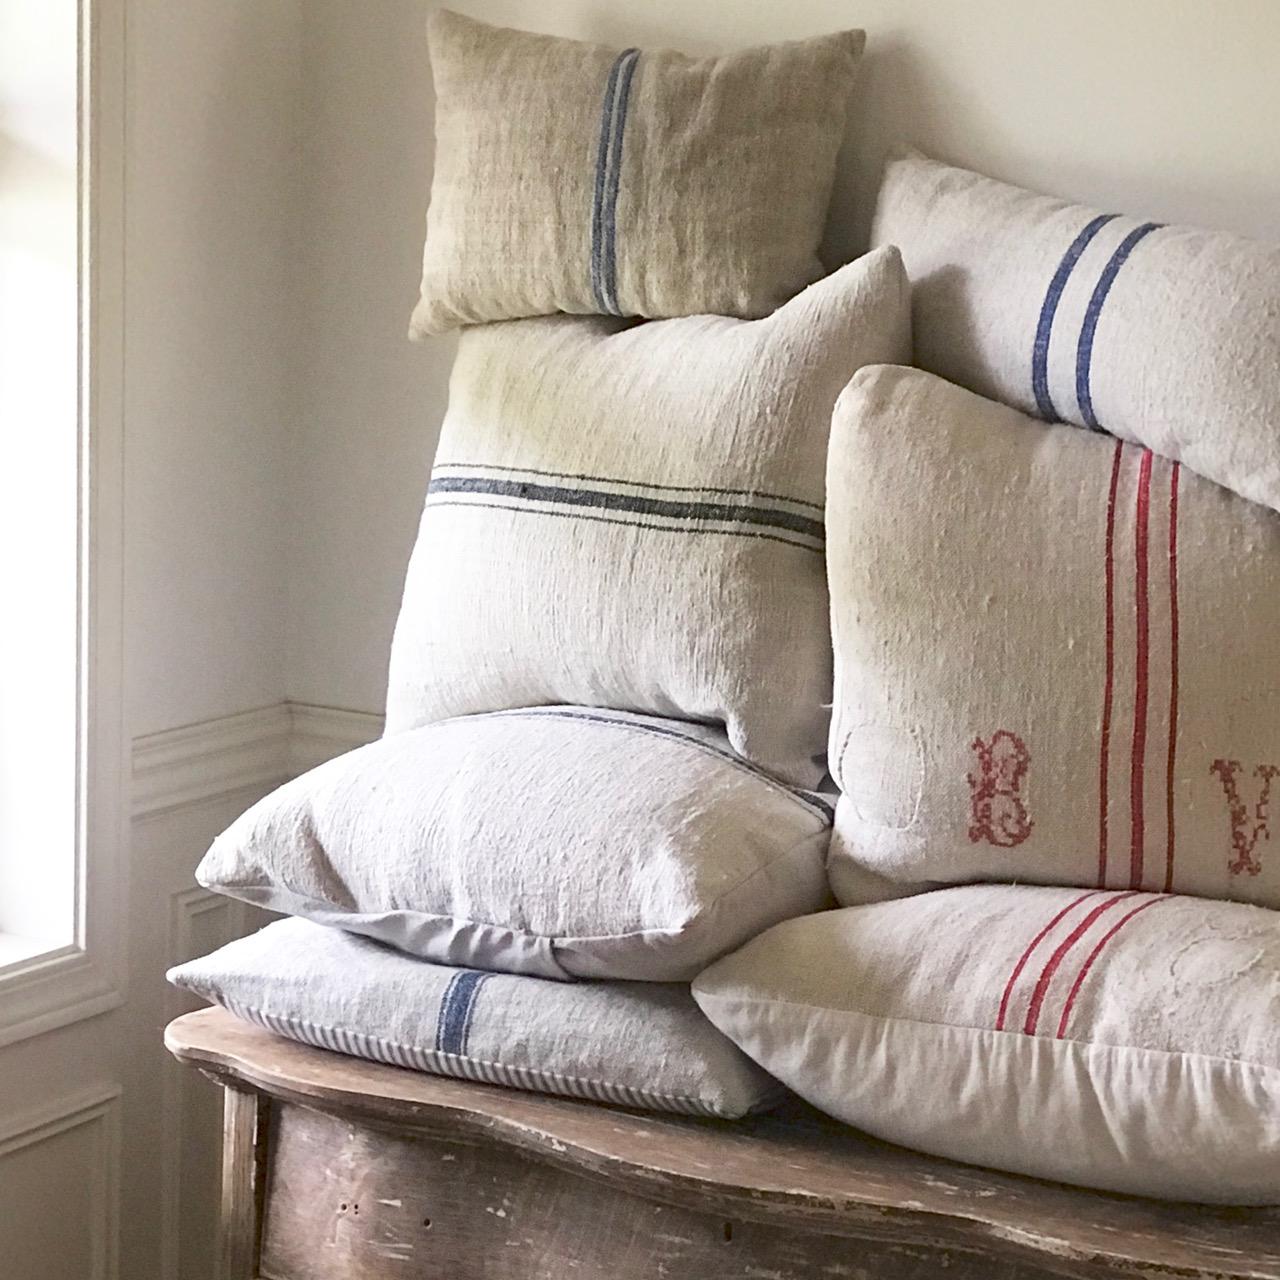 diy grain sack pillows